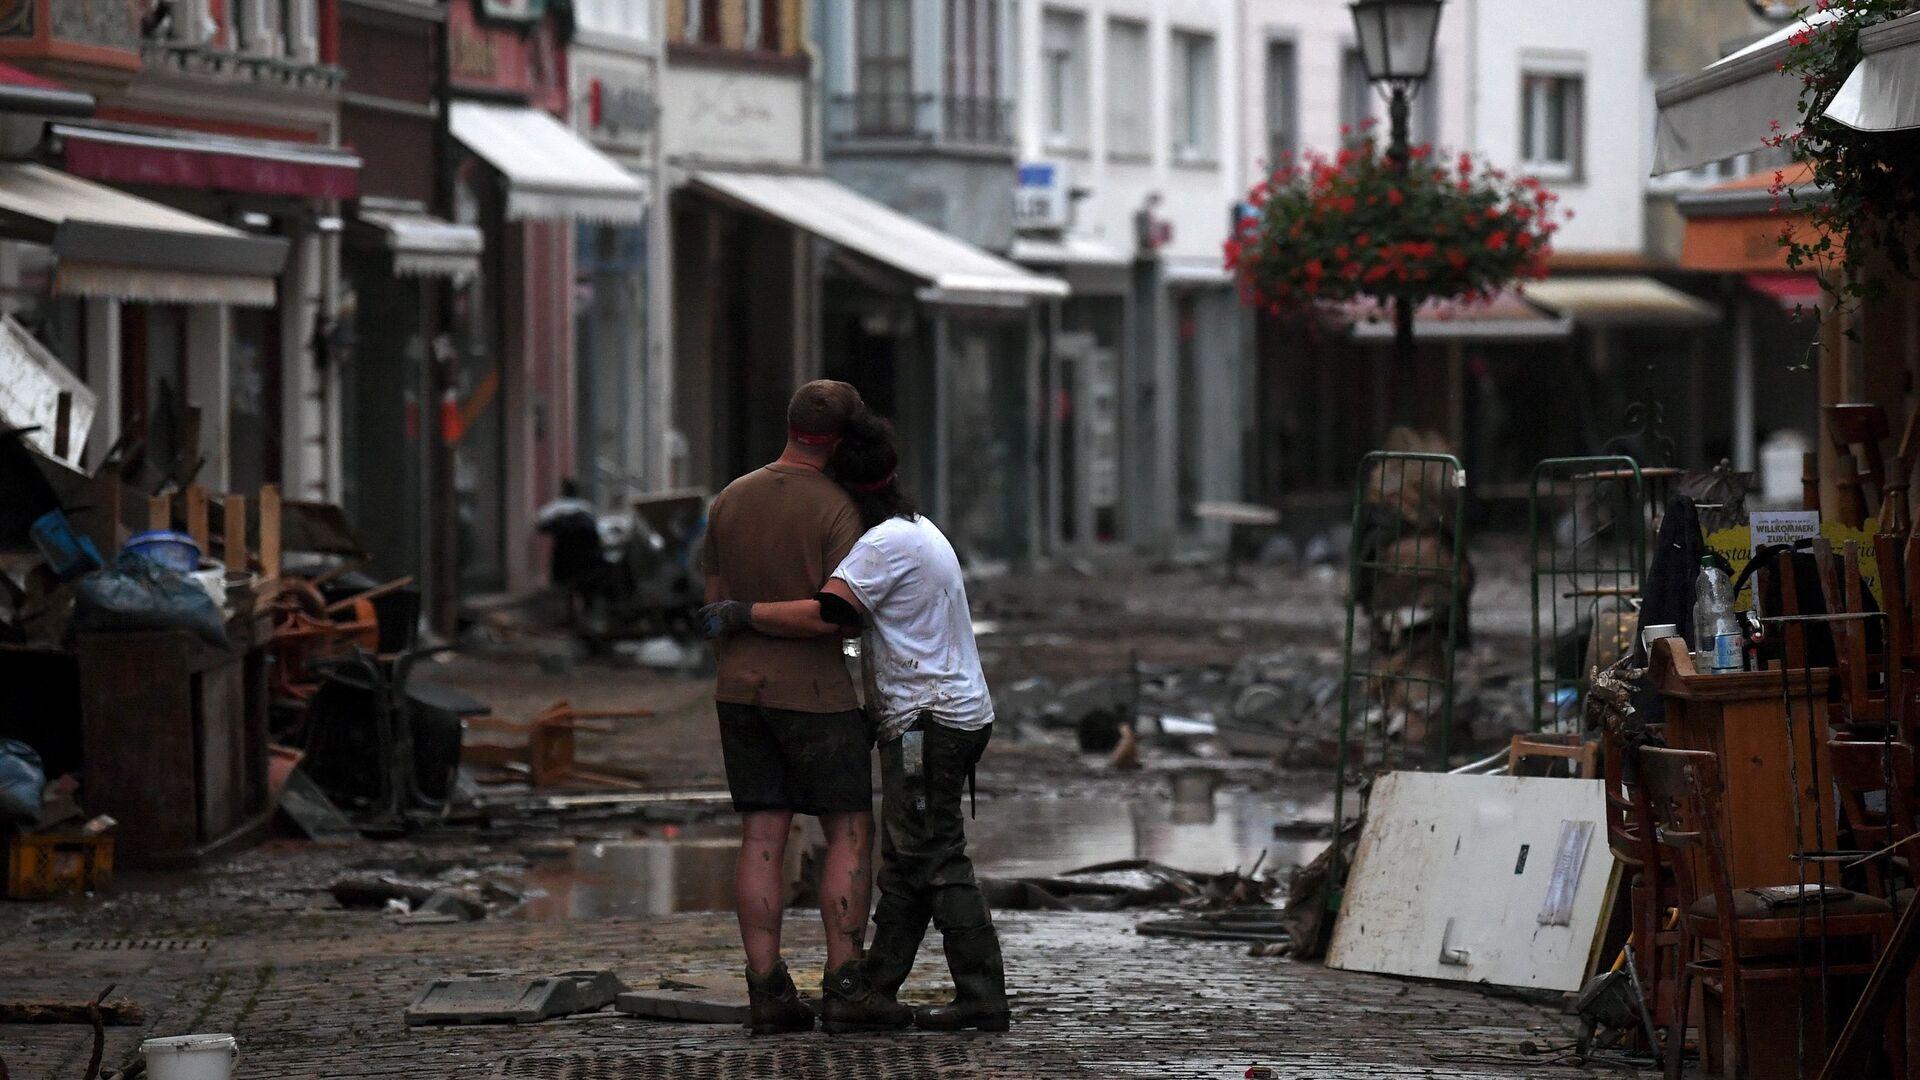 Пара обнимаются, стоя среди обломков, в городе Бад-Нойенар-Арвайлер, Германия  - Sputnik Polska, 1920, 26.07.2021